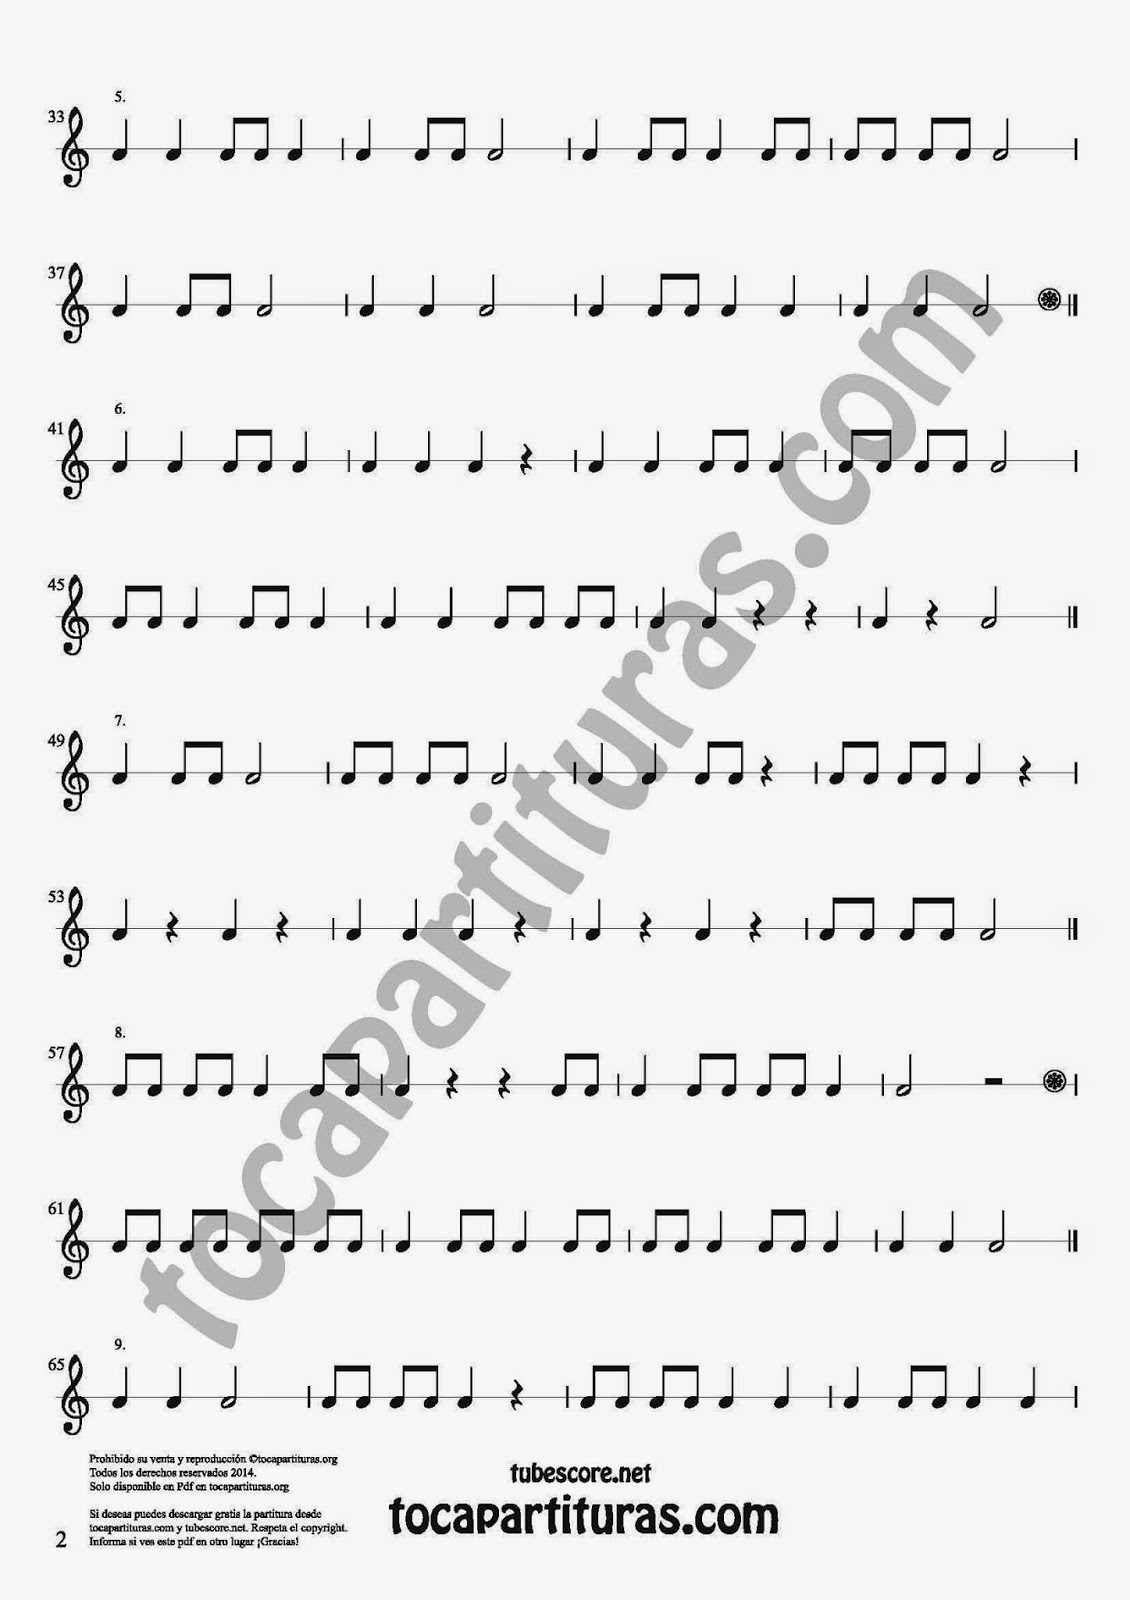 2 Parte 35 Ejercicios Rítmicos para Aprender Solfeo Negras, corcheas, blancas y sus Silencios Compás 4x4 cuatro tiempos Sheet Music for quarter notes, half notes, 1/8 notes and silences